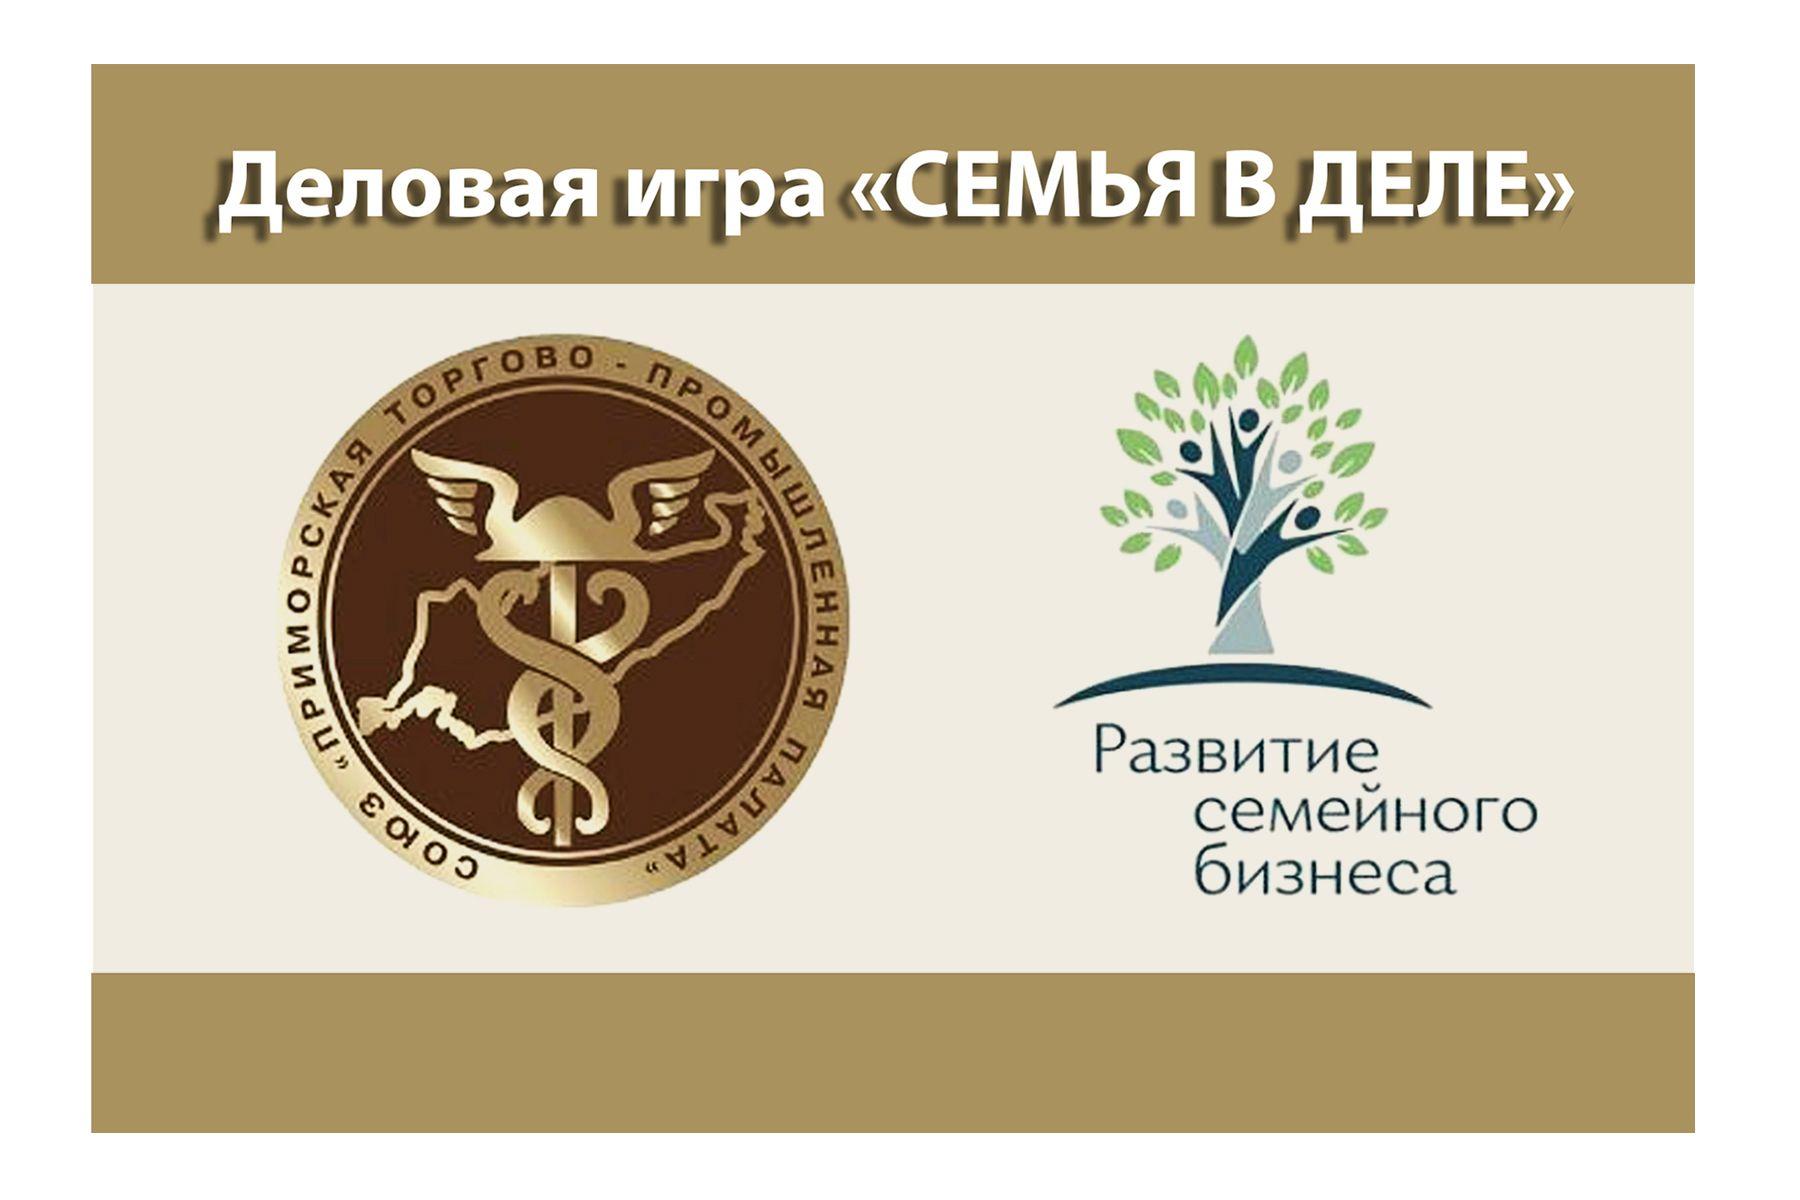 Преподаватели кафедры экономики и управления ВГУЭС приняли участие в деловой игре Приморской торгово-промышленной палаты